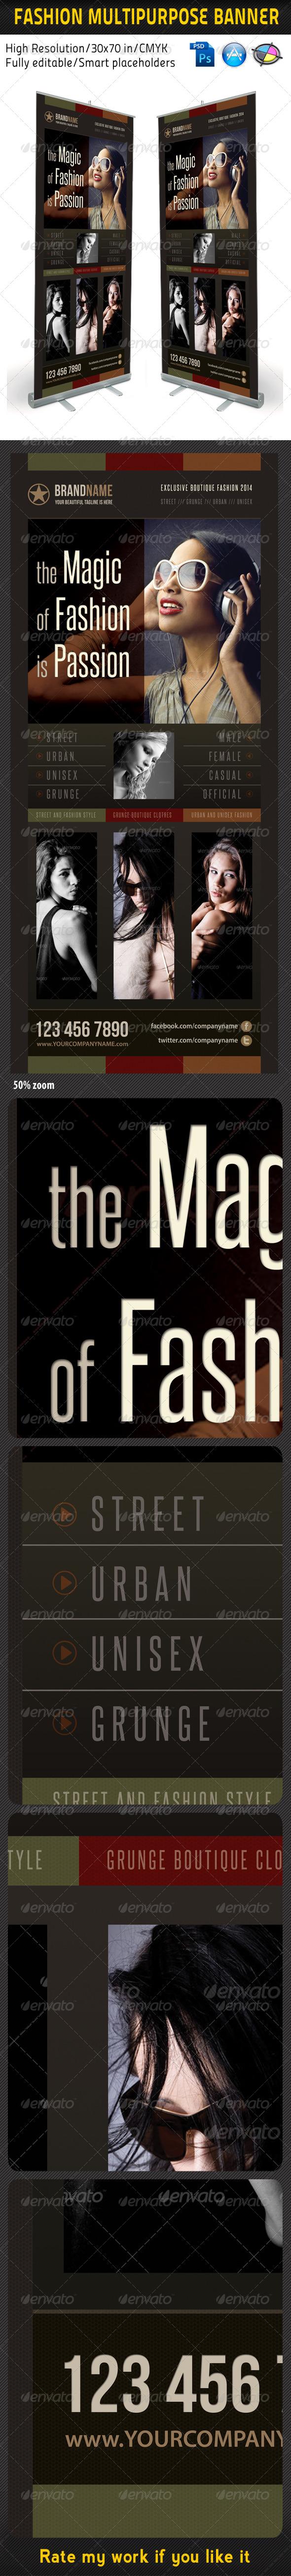 GraphicRiver Fashion Multipurpose Banner Template 11 5977001